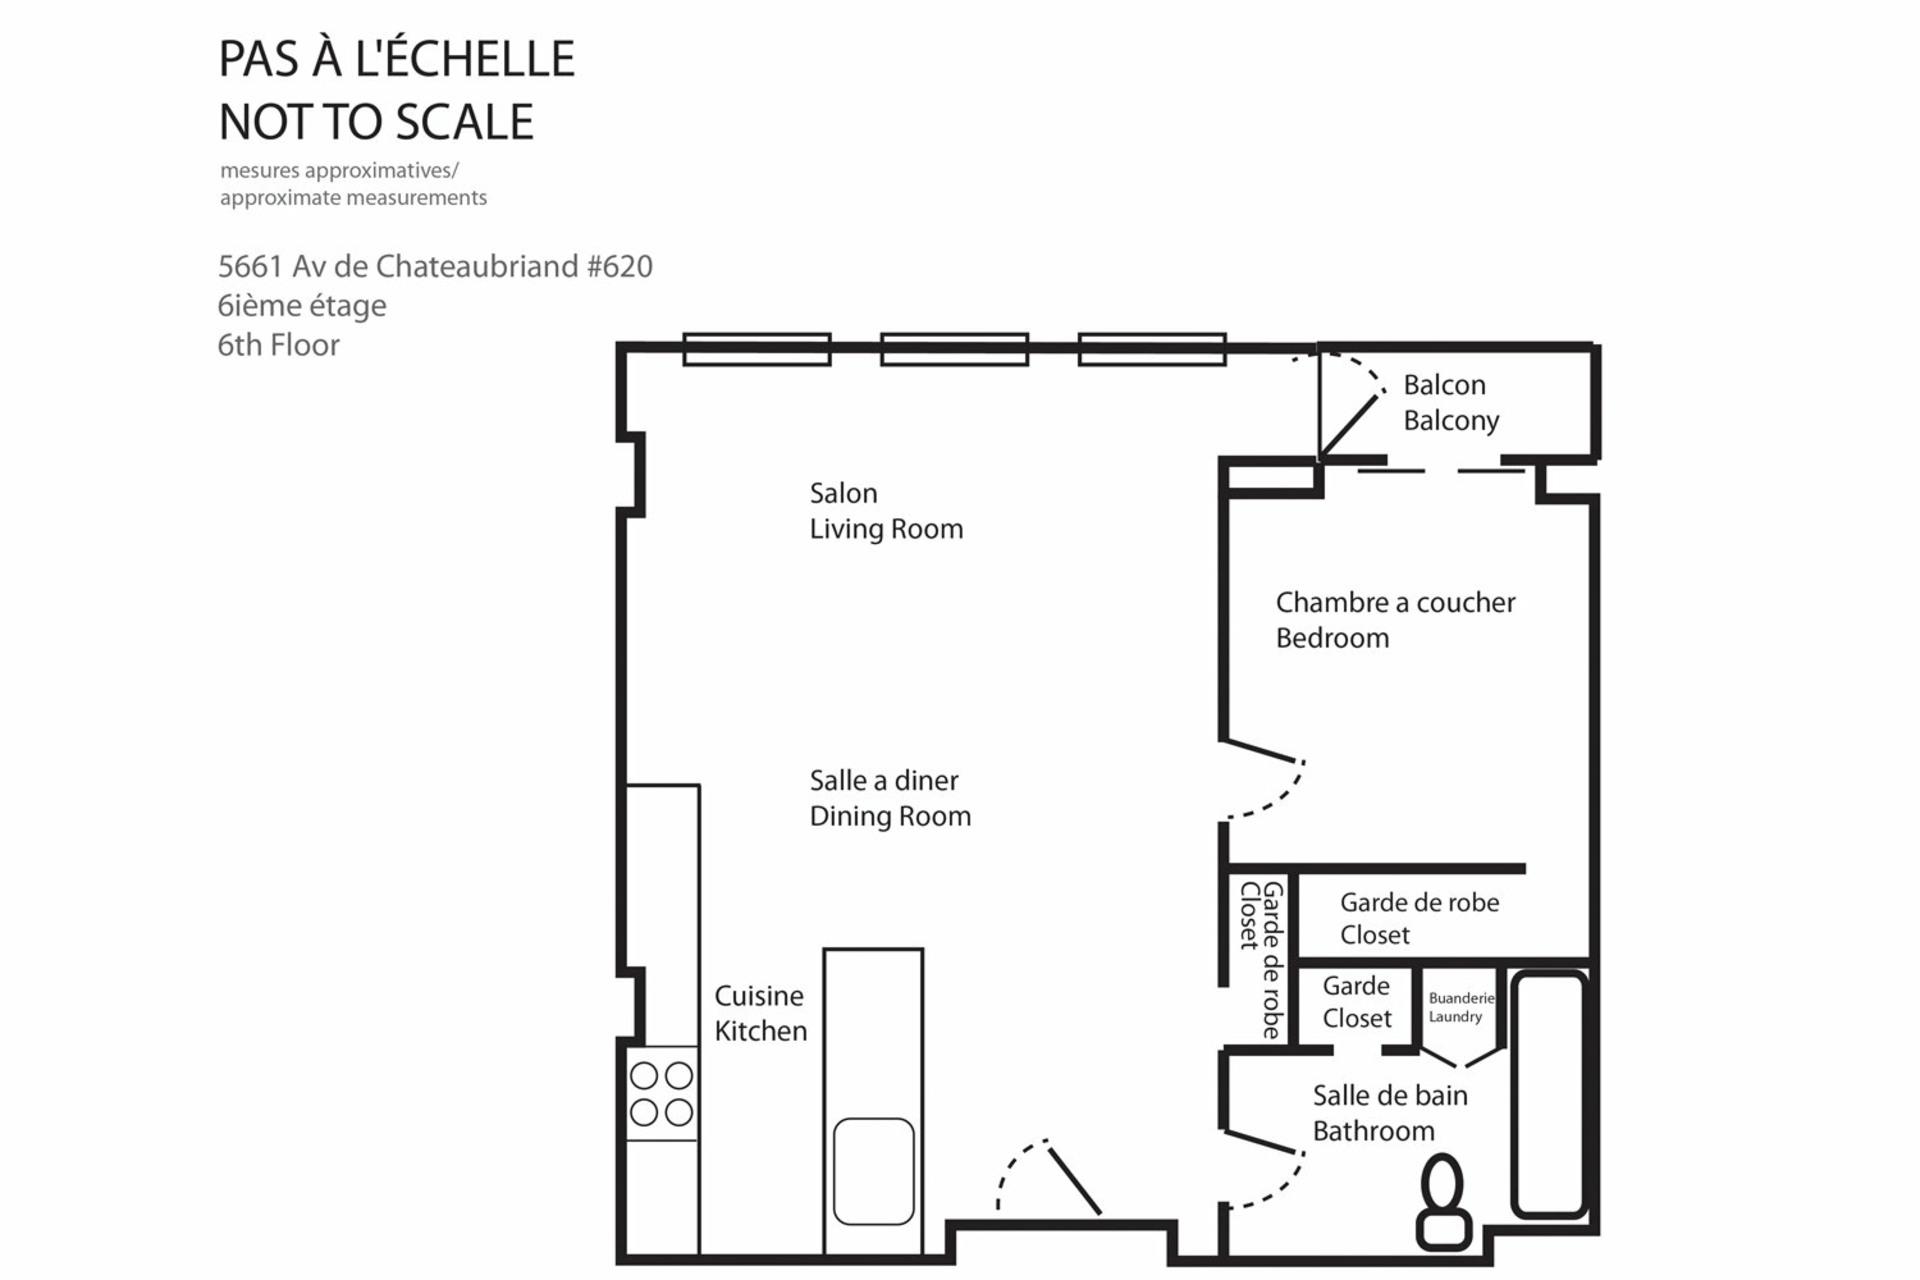 image 12 - Appartement À vendre Rosemont/La Petite-Patrie Montréal  - 5 pièces